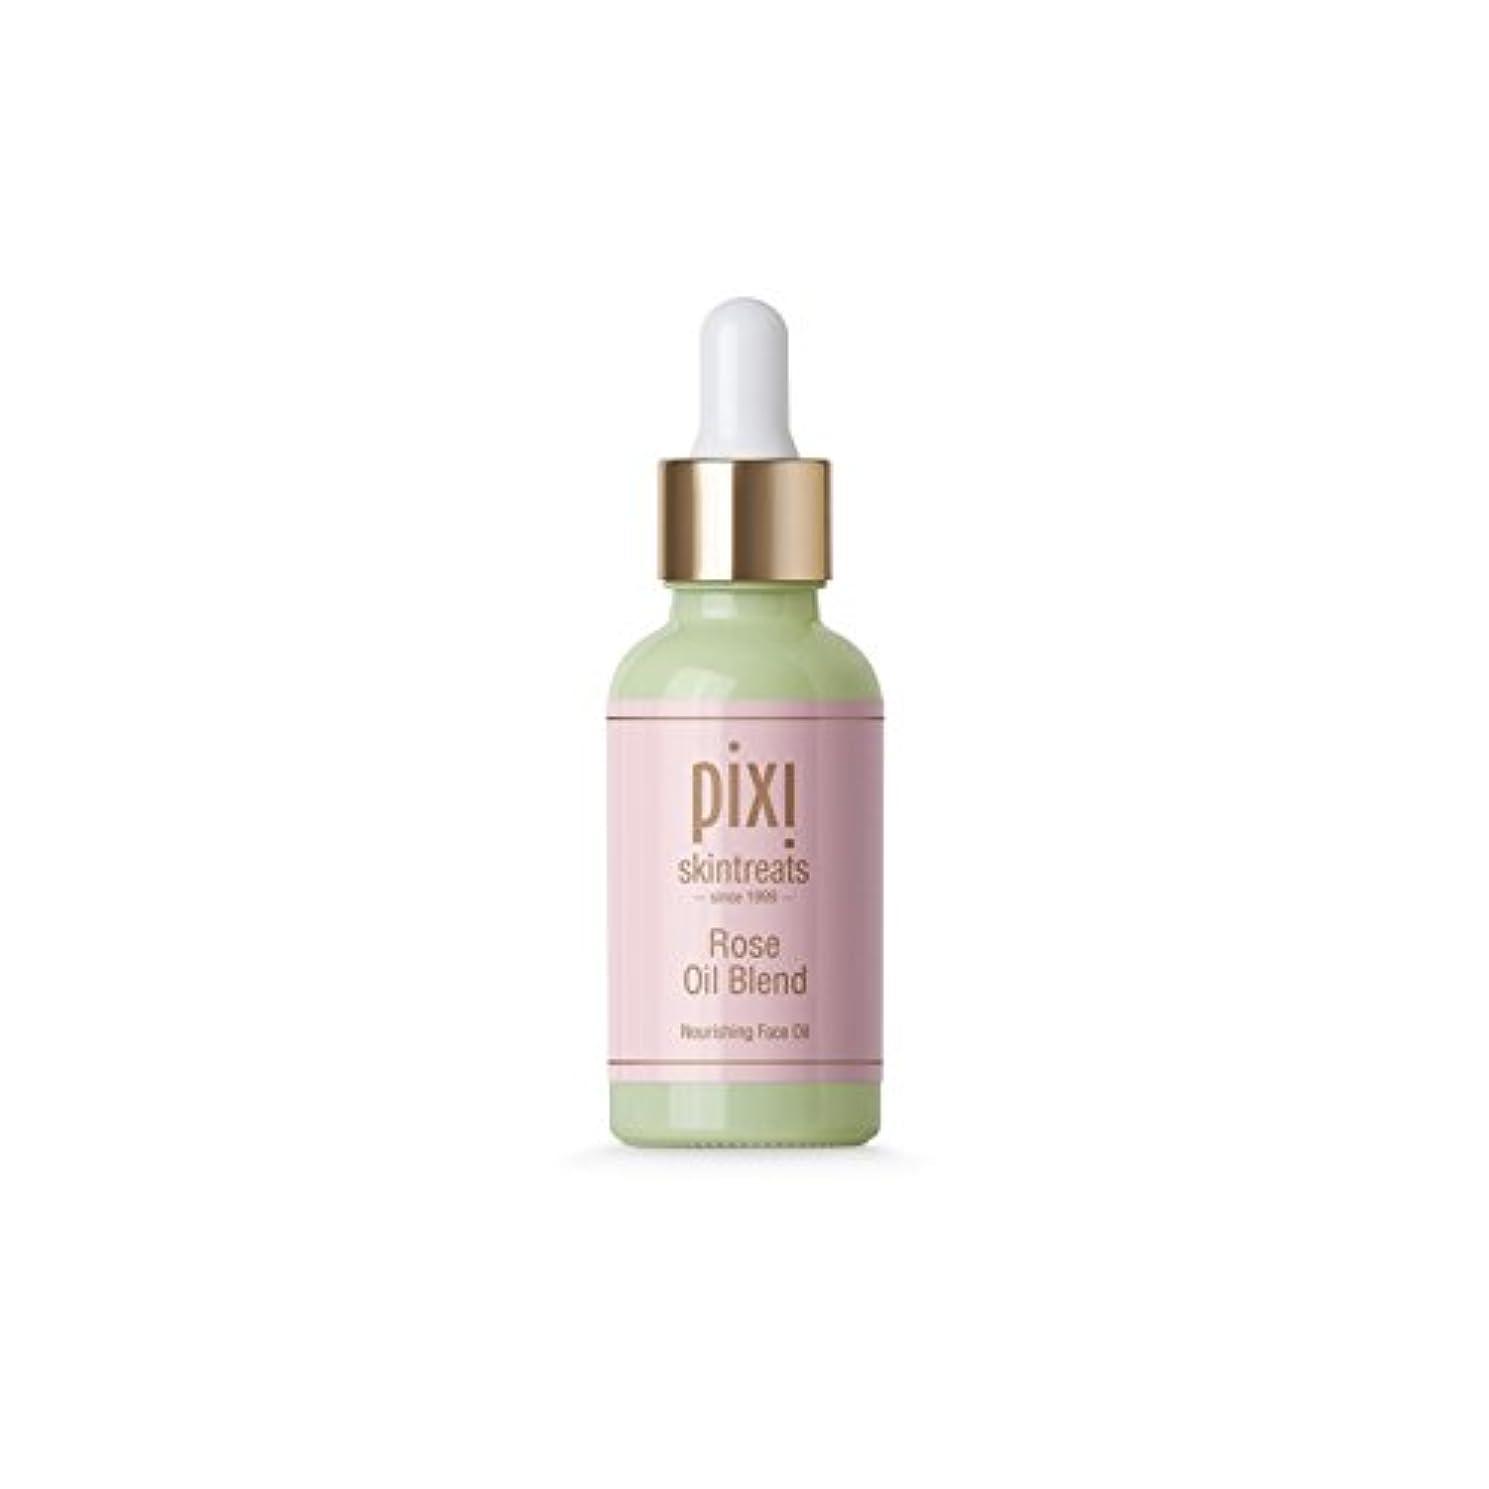 ローラーミリメーター系統的Pixi Rose Oil Blend - は、油ブレンドをバラ [並行輸入品]